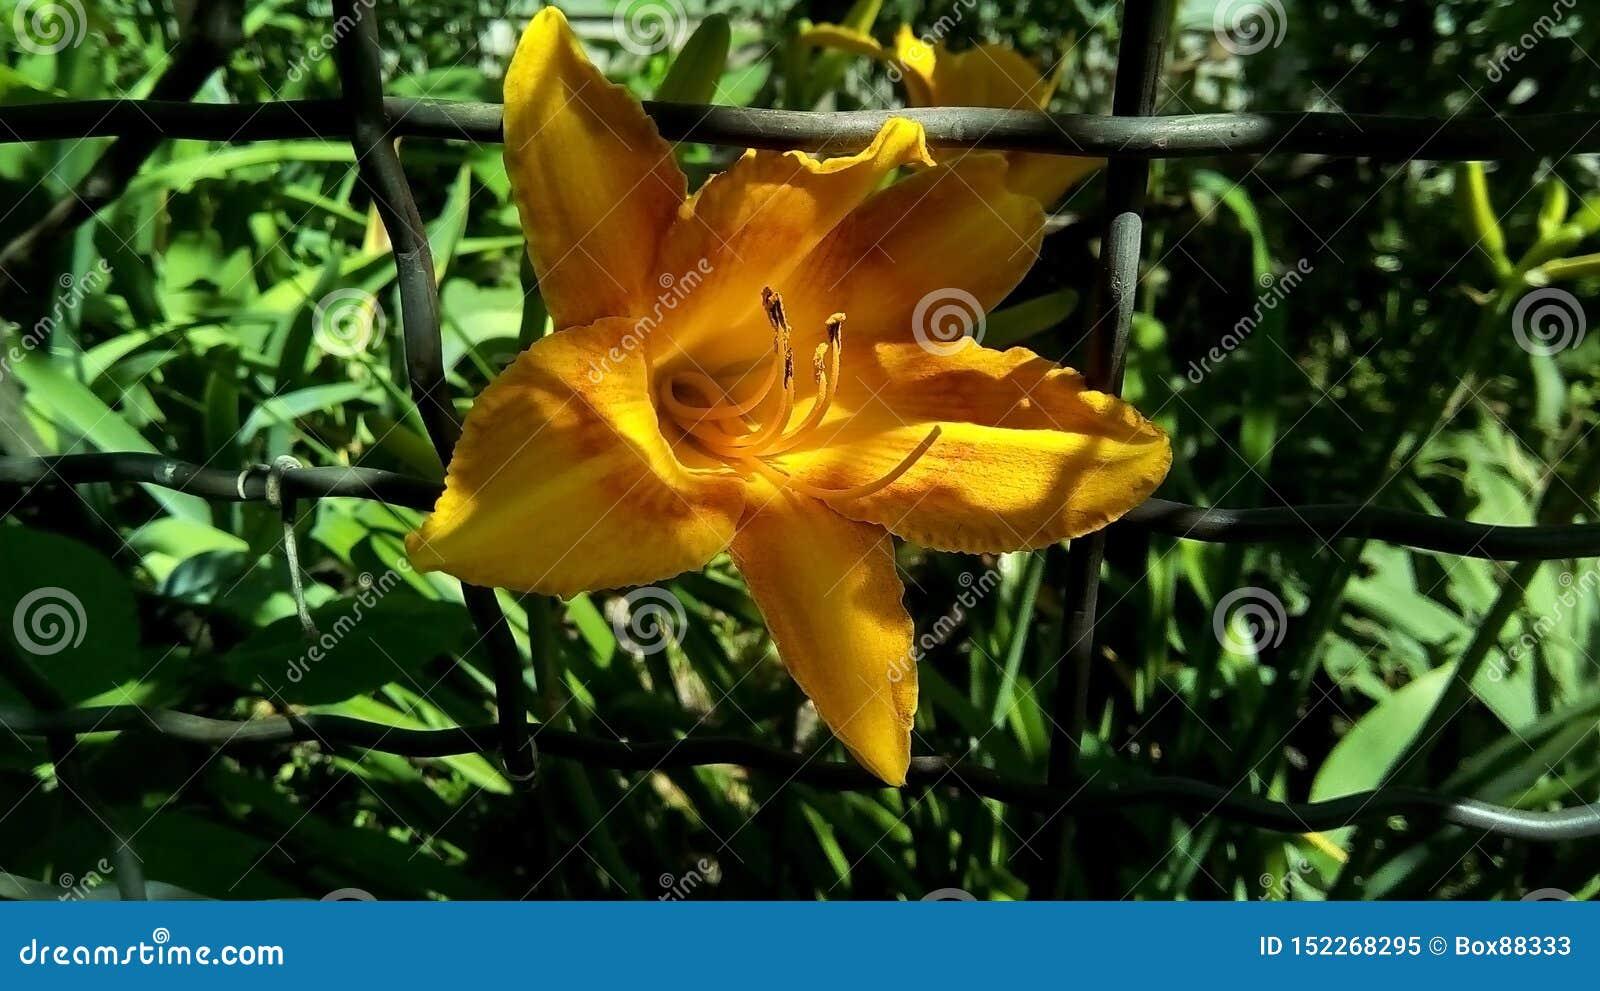 Крупный план желтого цветка лилии в клетке проволочной изгороди